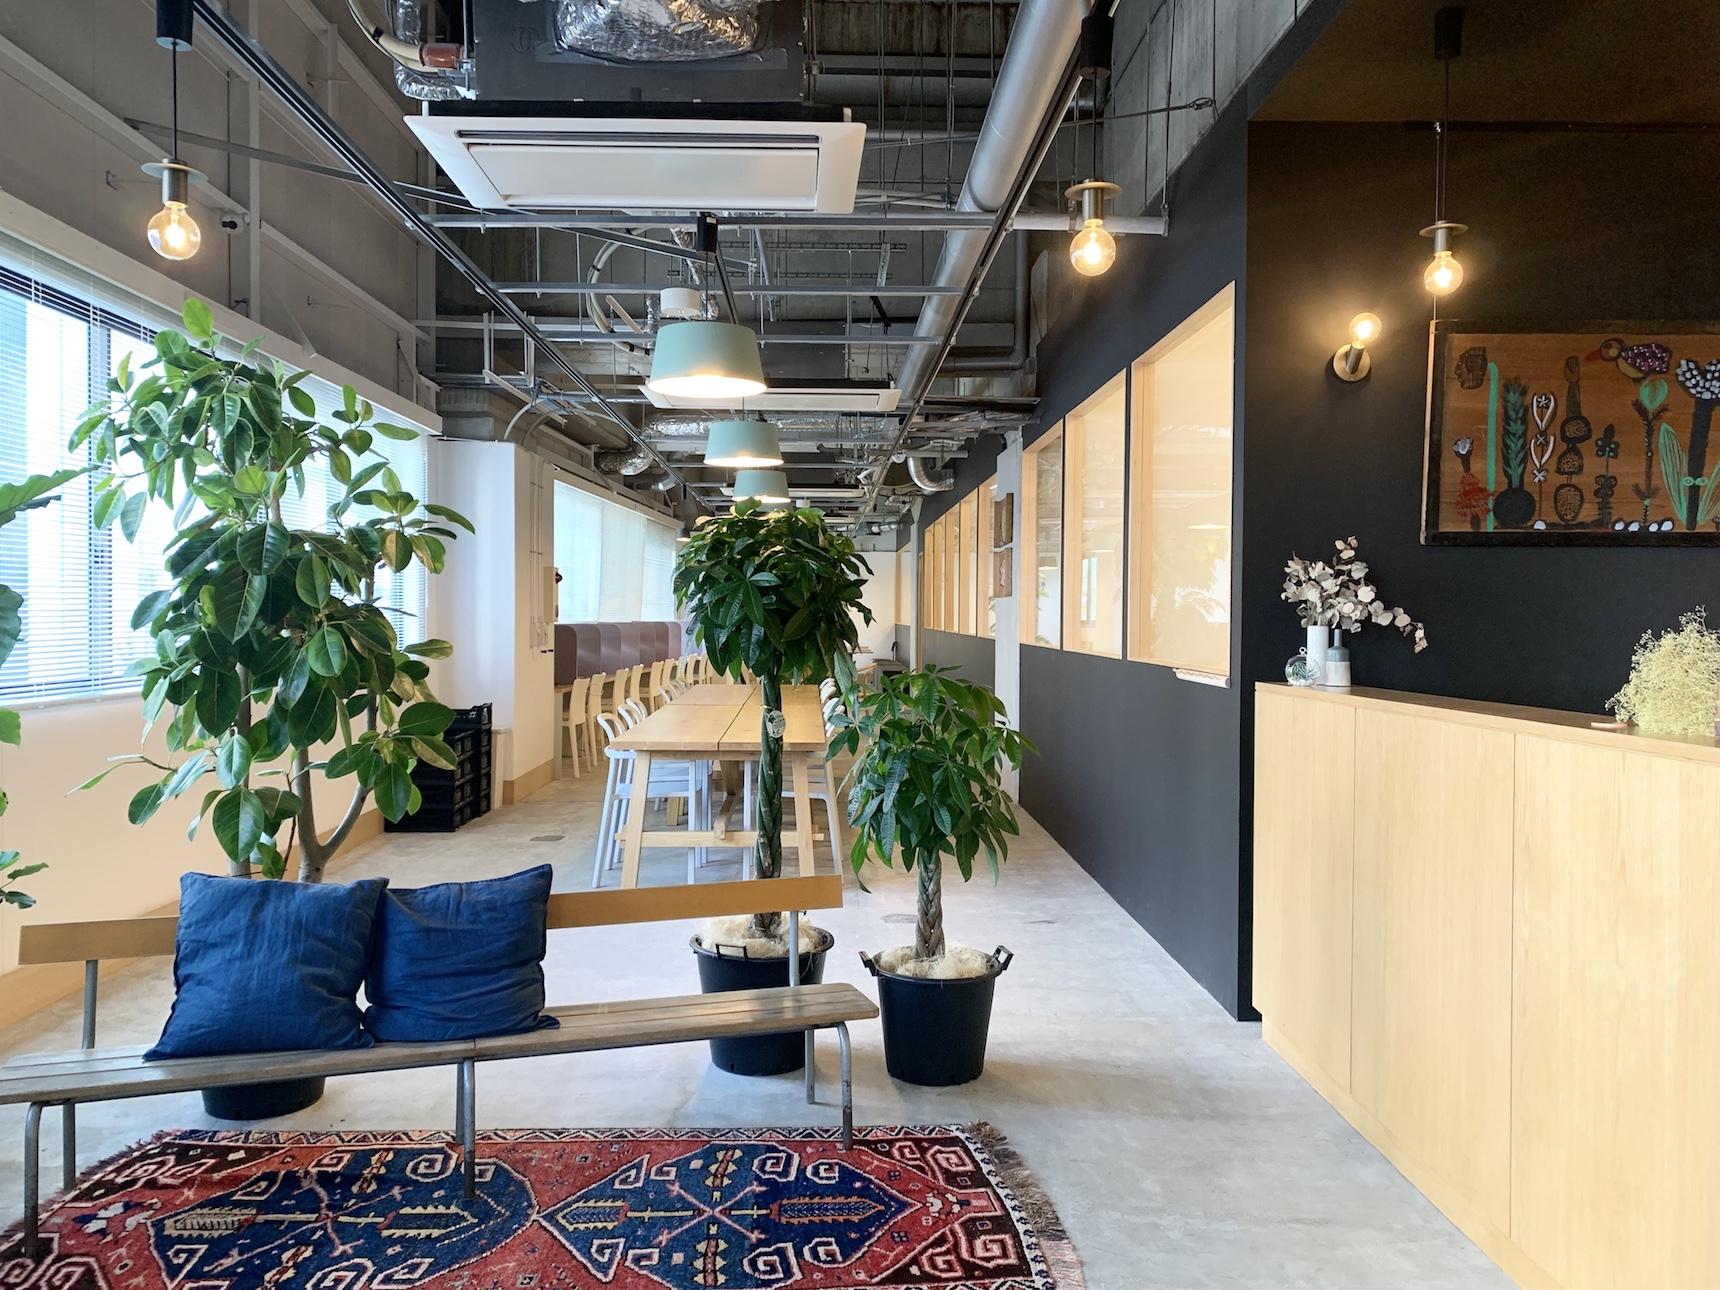 「快適空間」にこだわった福岡のおしゃれなシェアオフィス&コワーキングスペース 4選